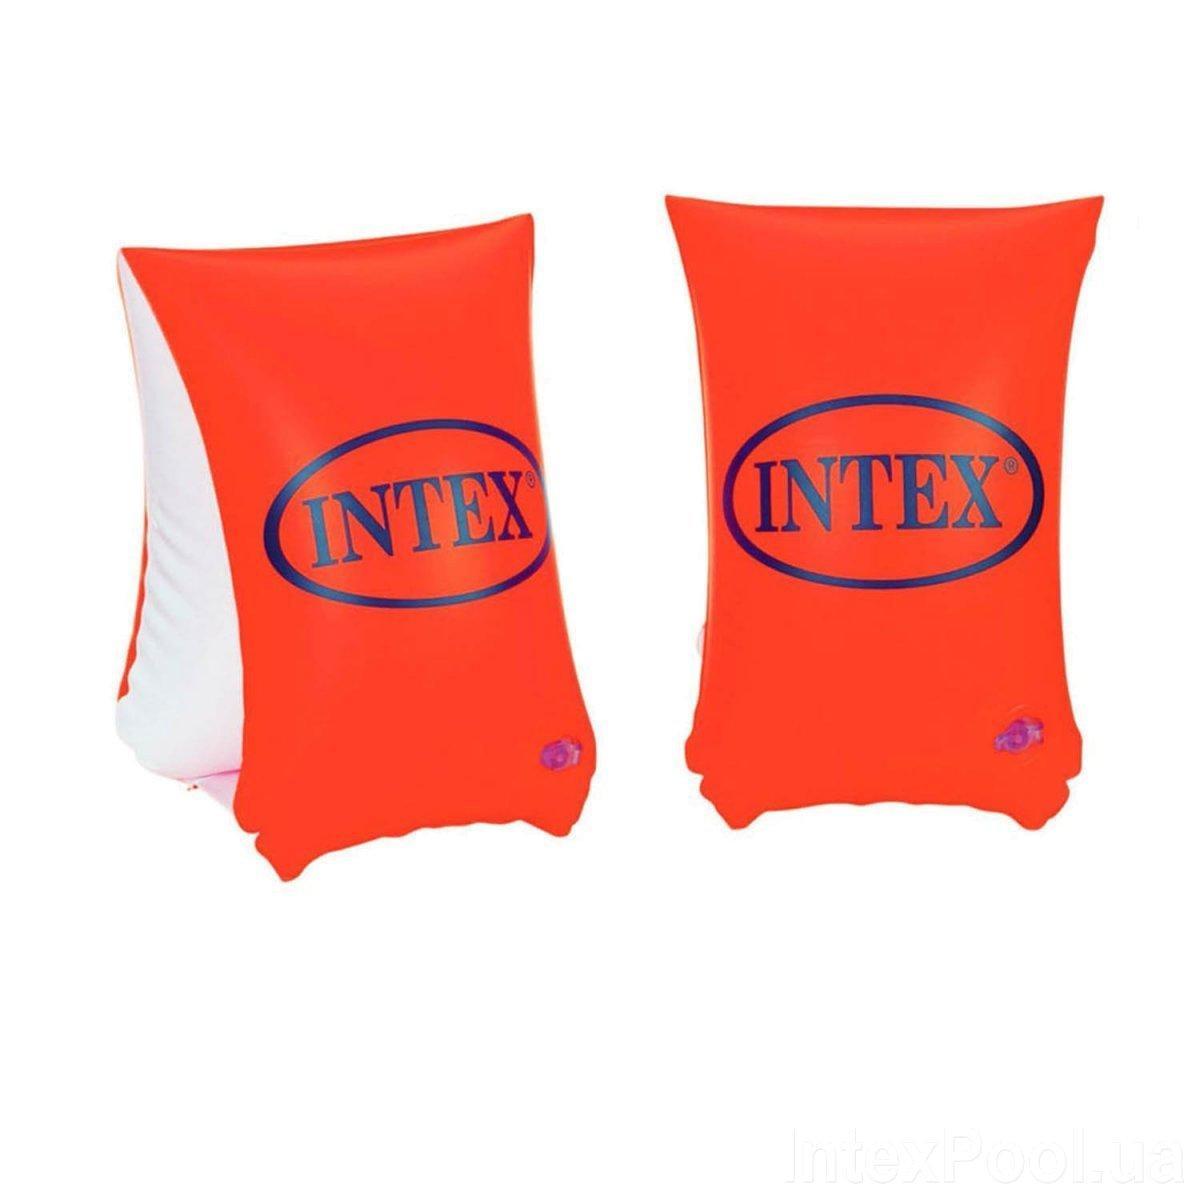 Нарукавники для плавания Intex